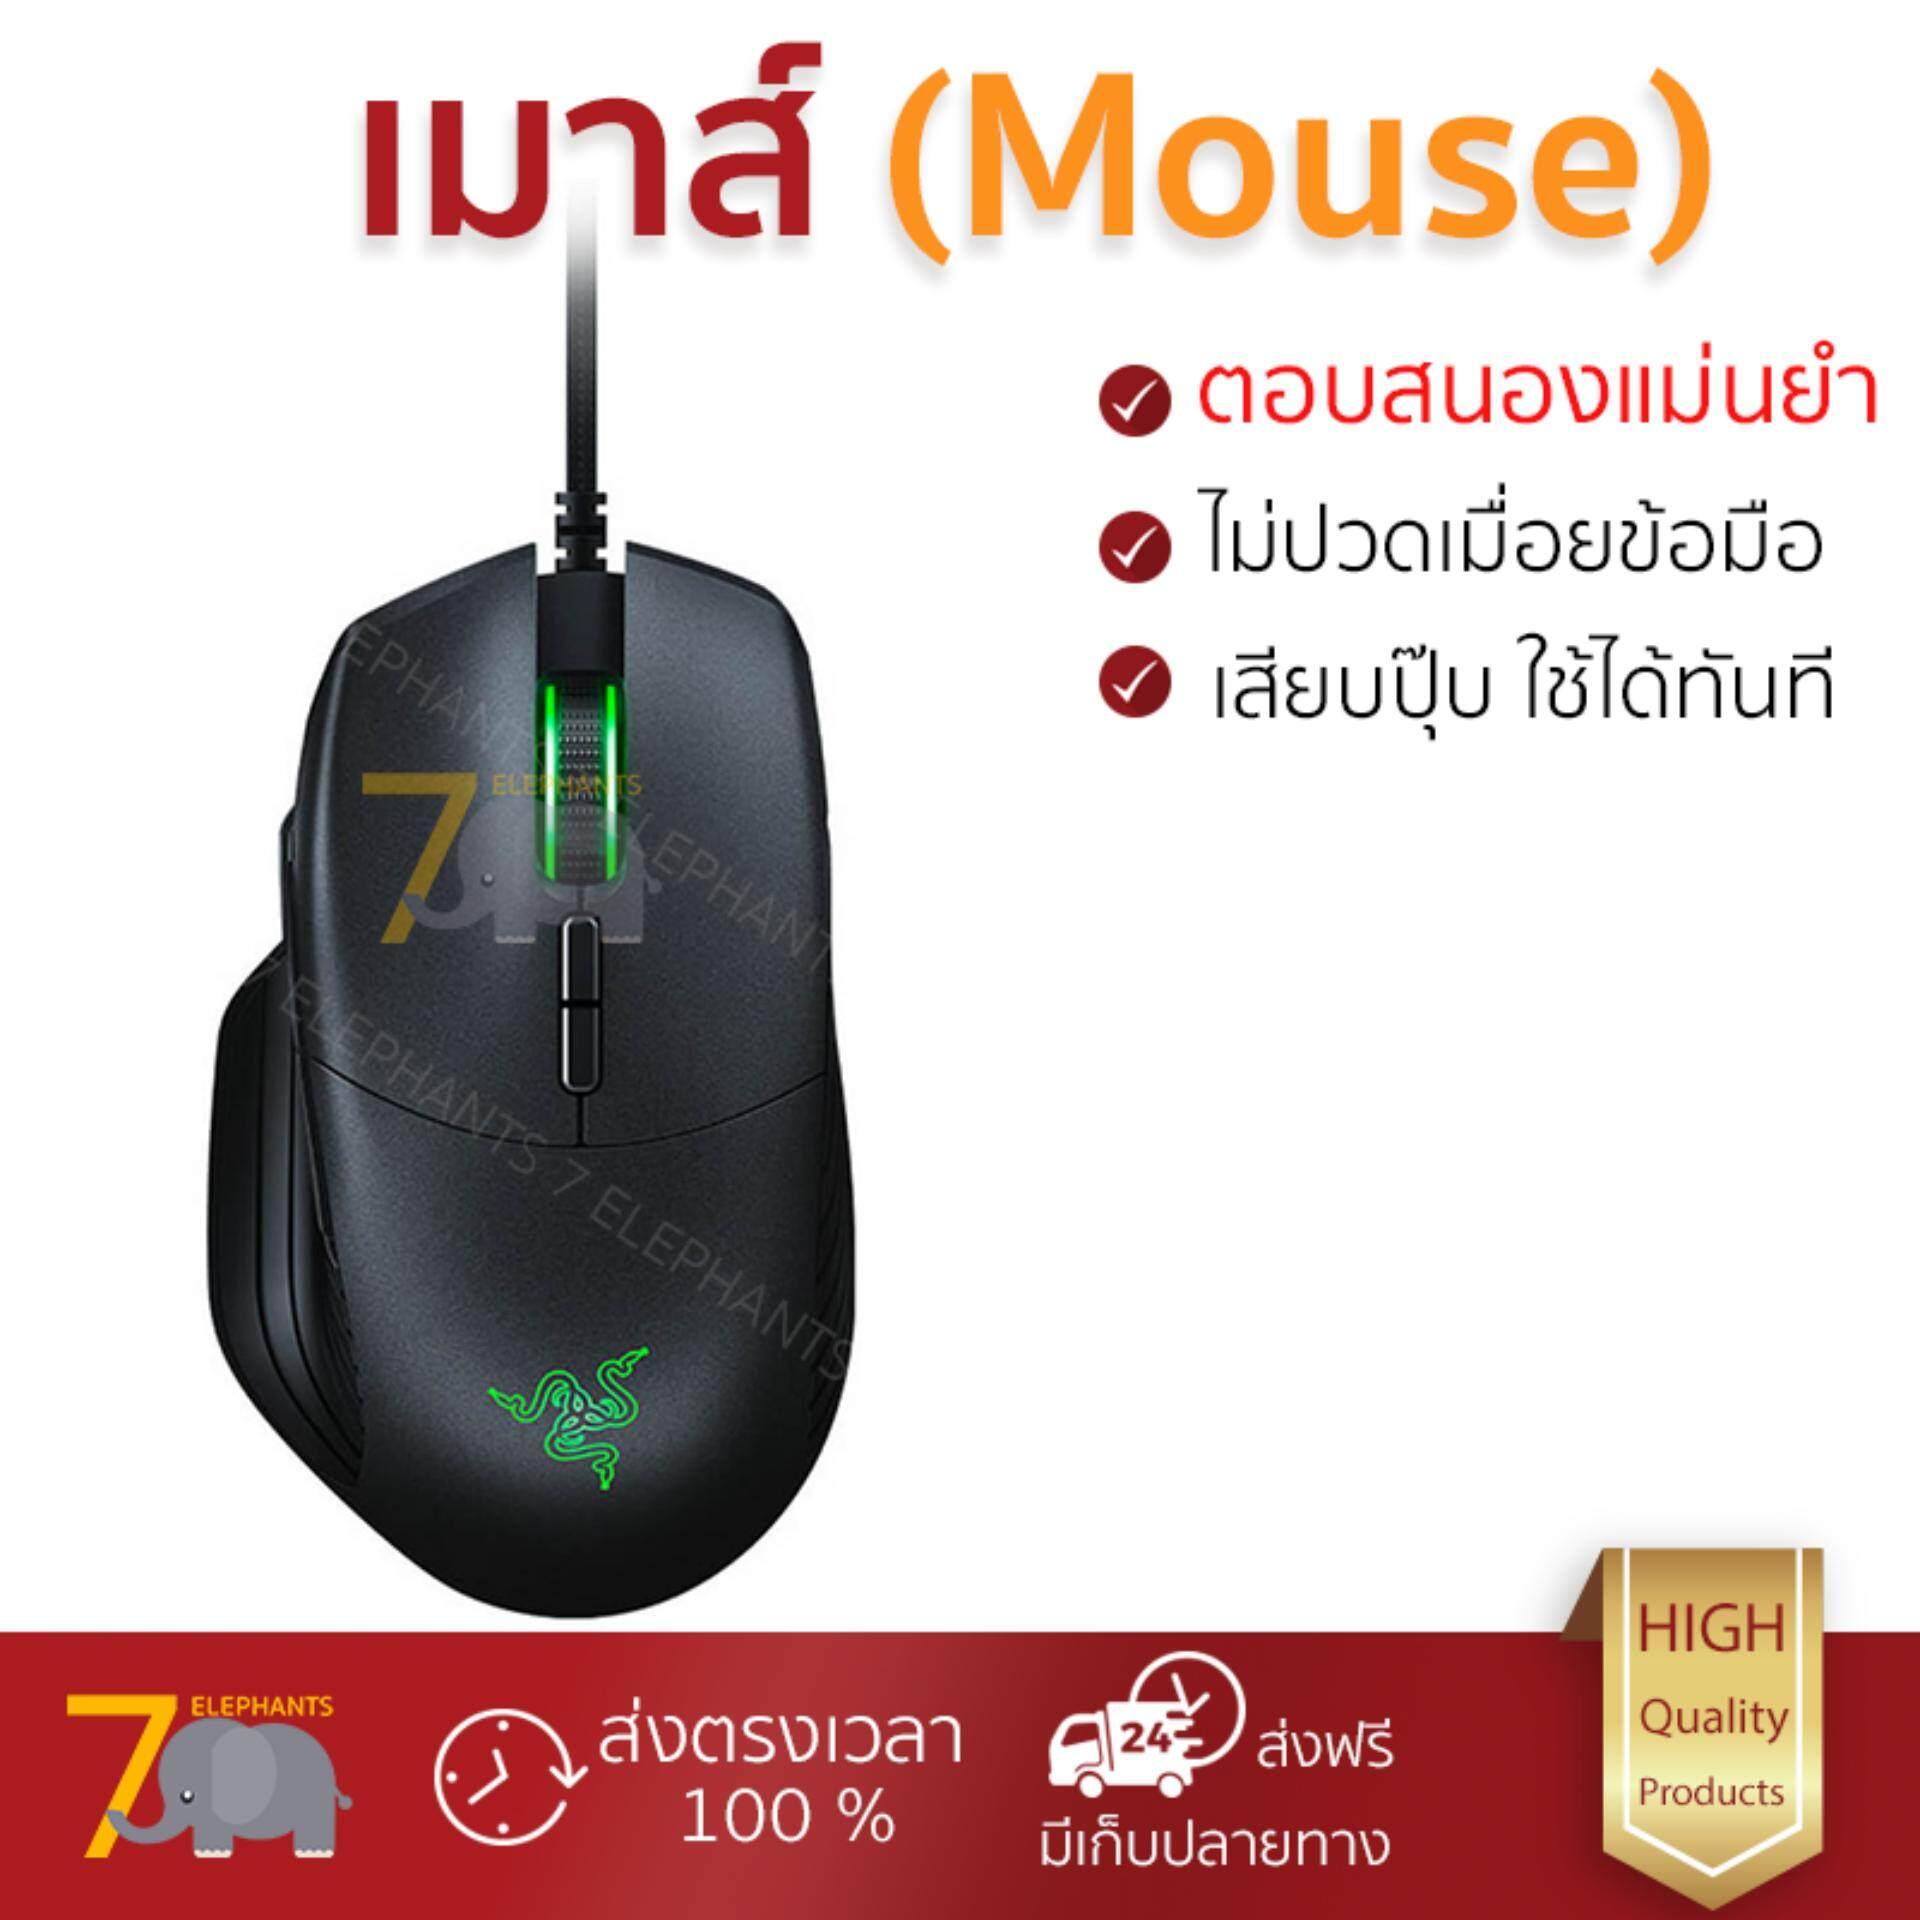 สุดยอดสินค้า!! รุ่นใหม่ล่าสุด เมาส์           RAZER เมาส์เกมมิ่ง (สีดำ) รุ่น Basilisk             เซนเซอร์คุณภาพสูง ทำงานได้ลื่นไหล ไม่มีสะดุด Computer Mouse  รับประกันสินค้า 1 ปี จัดส่งฟรี Kerry ทั่ว